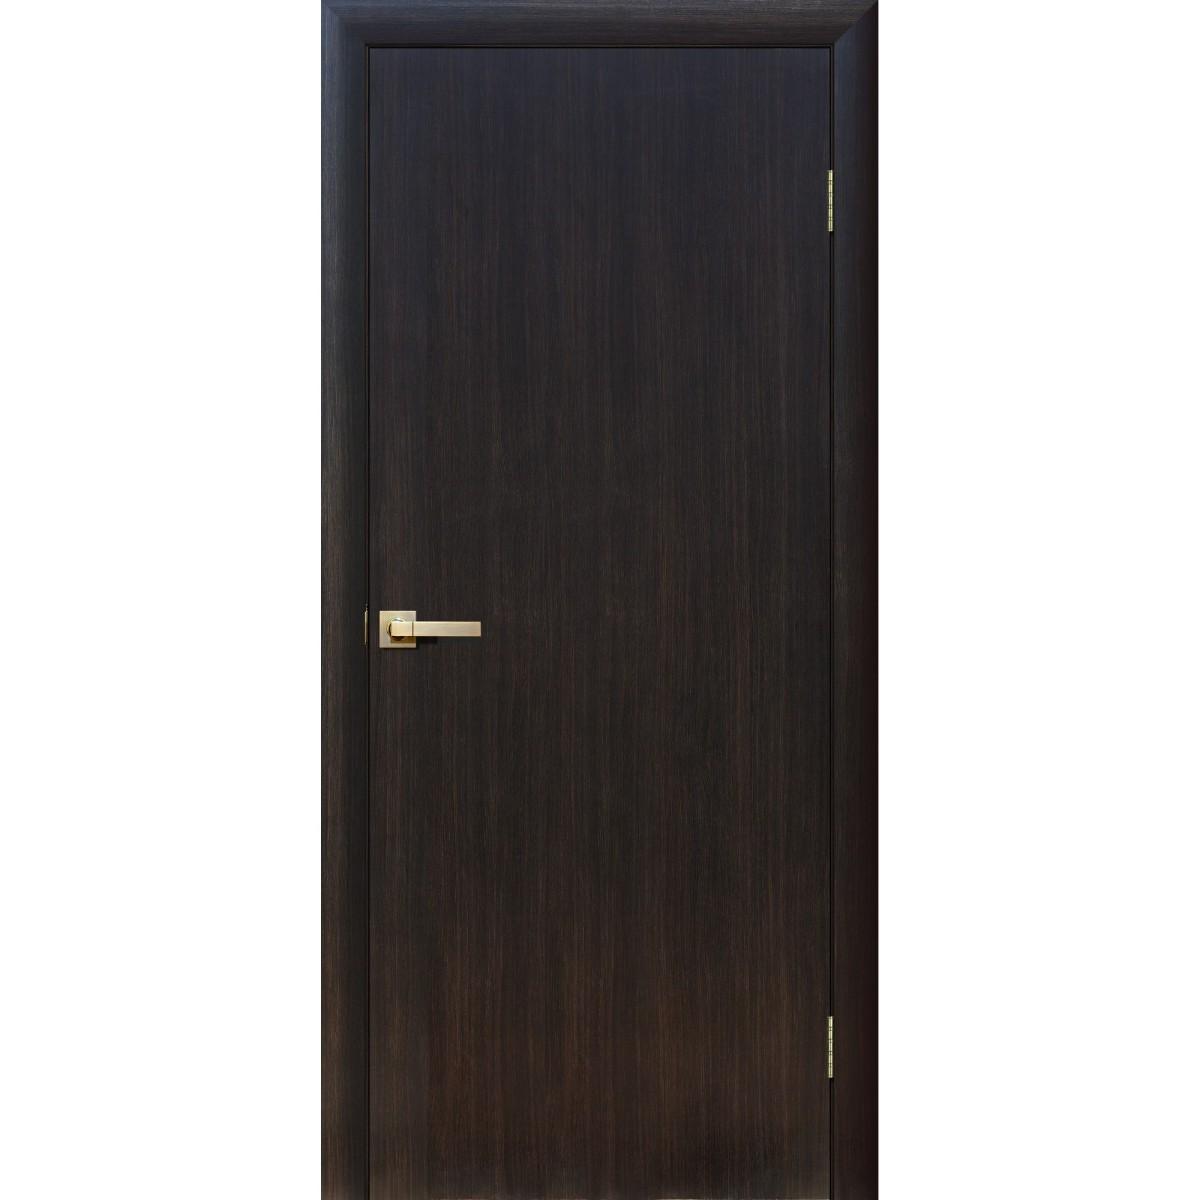 Дверь Межкомнатная Глухая Стандарт 90x200 Ламинация Цвет Дуб Феррара